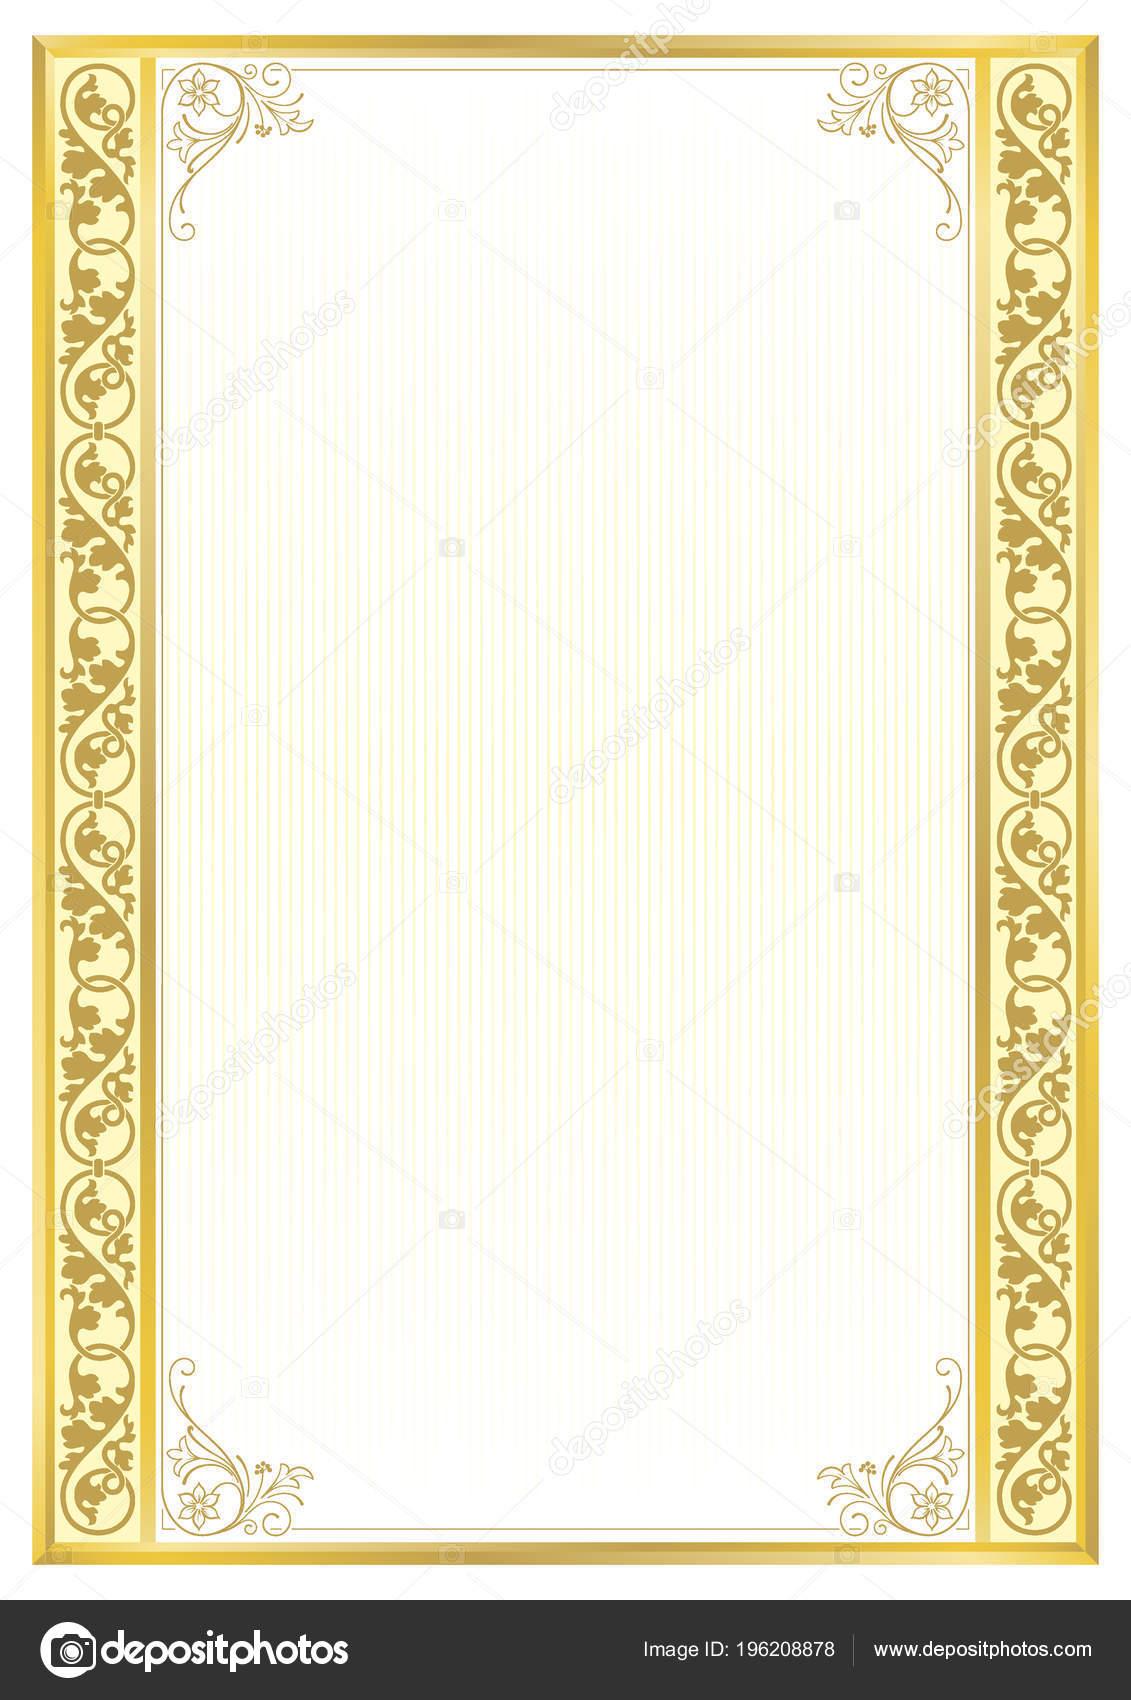 Dekorative Rechteckige Rahmen Vorlage Für Diplom Zertifikat Karte ...